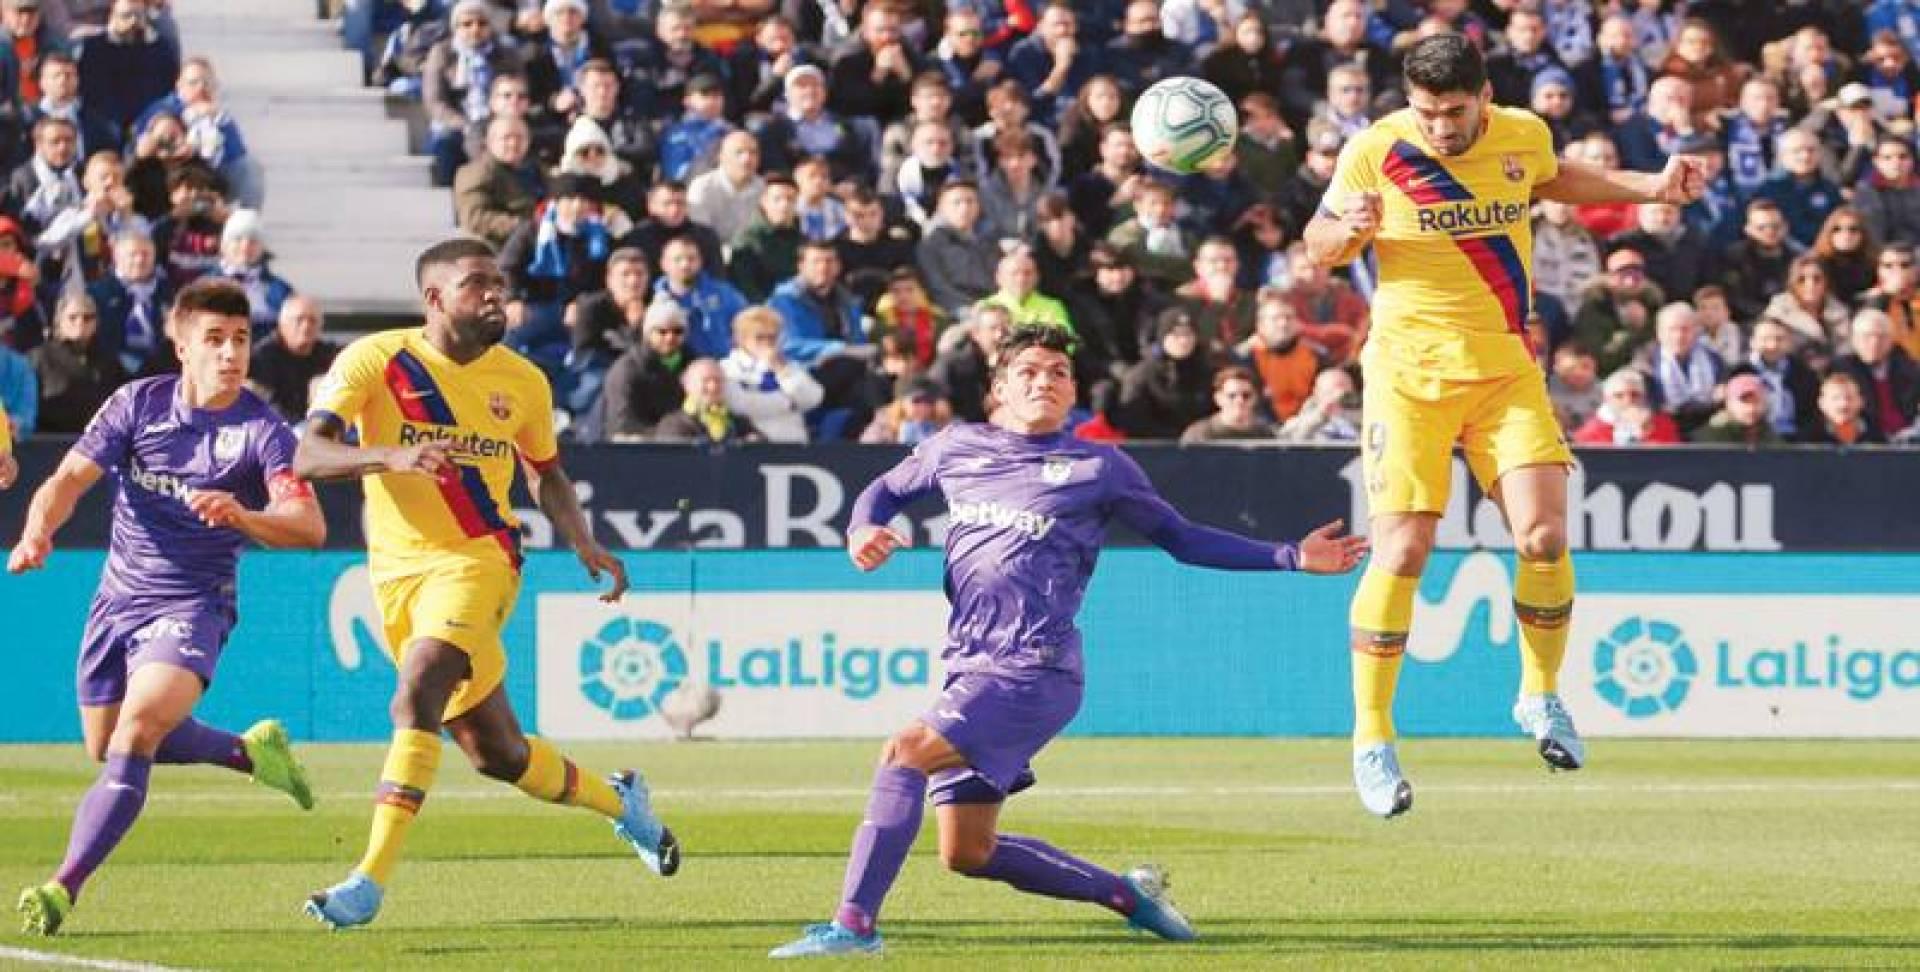 سواريز (إلى اليمين) يسجل برأسه هدفاً لبرشلونة | ا.ب